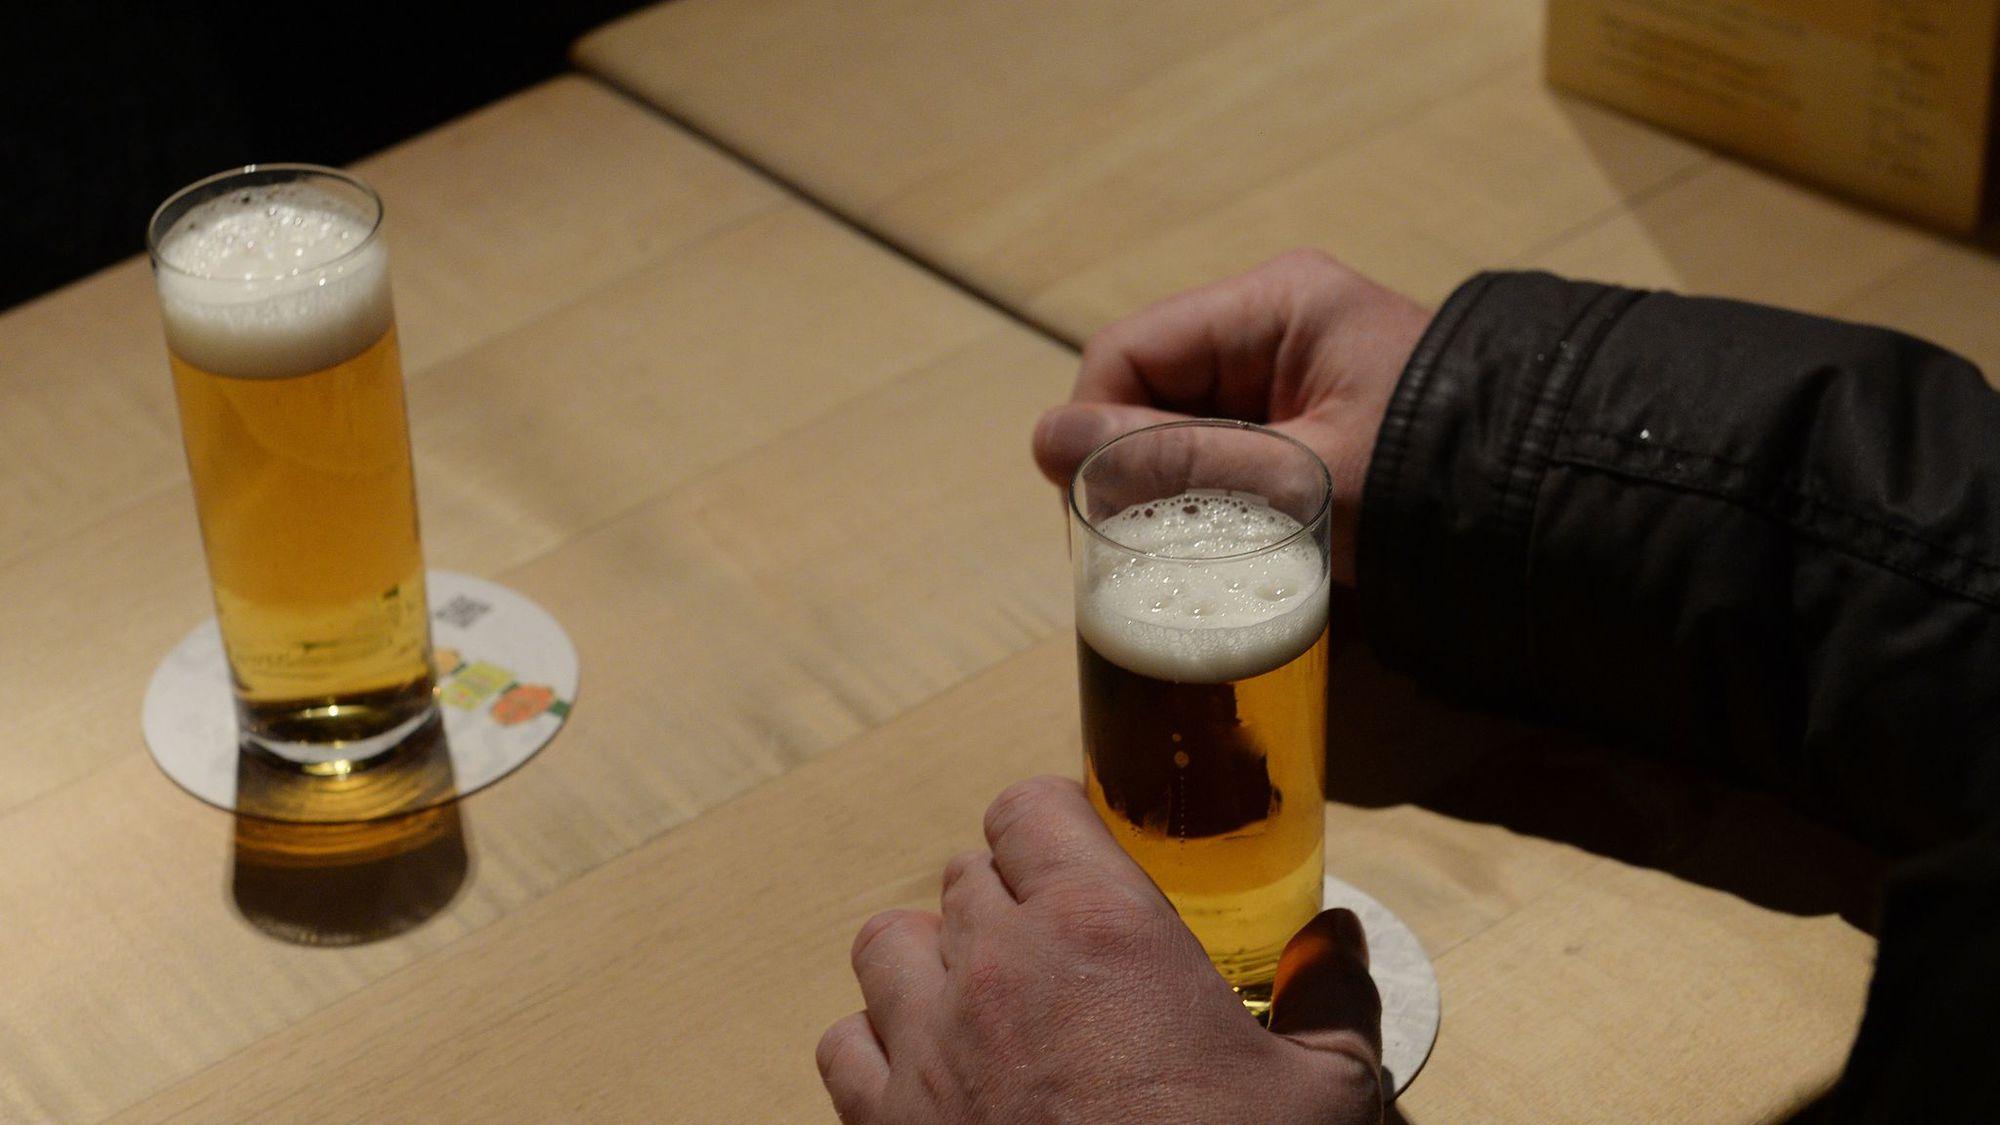 Etats unis l abus d alcool et de drogues un trouble for Alcool de verveine maison